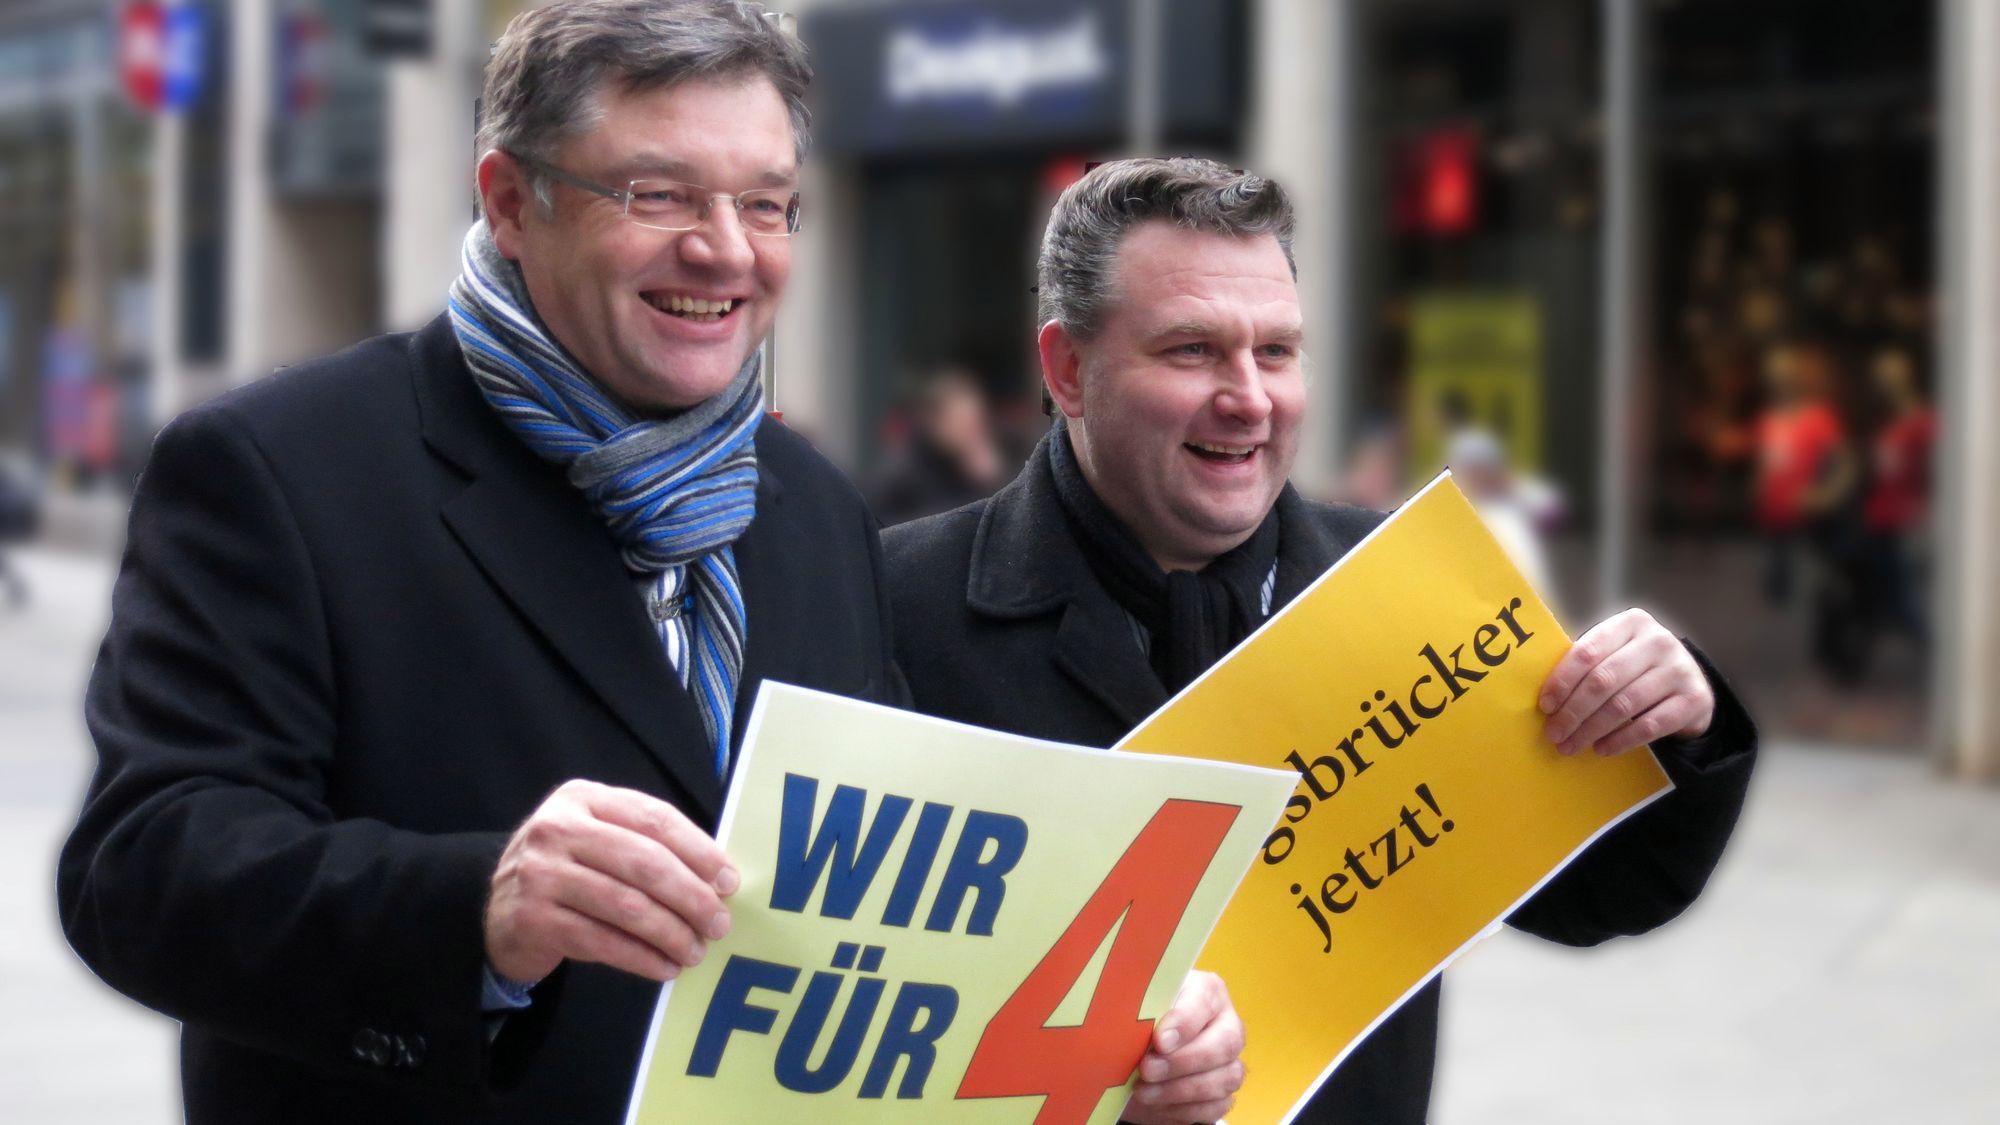 Voller Zuversicht: Holger Zastrow (FDP) und Christian Hartmann (CDU) sind die politischen Köpfe der Unterschriftensammlung.